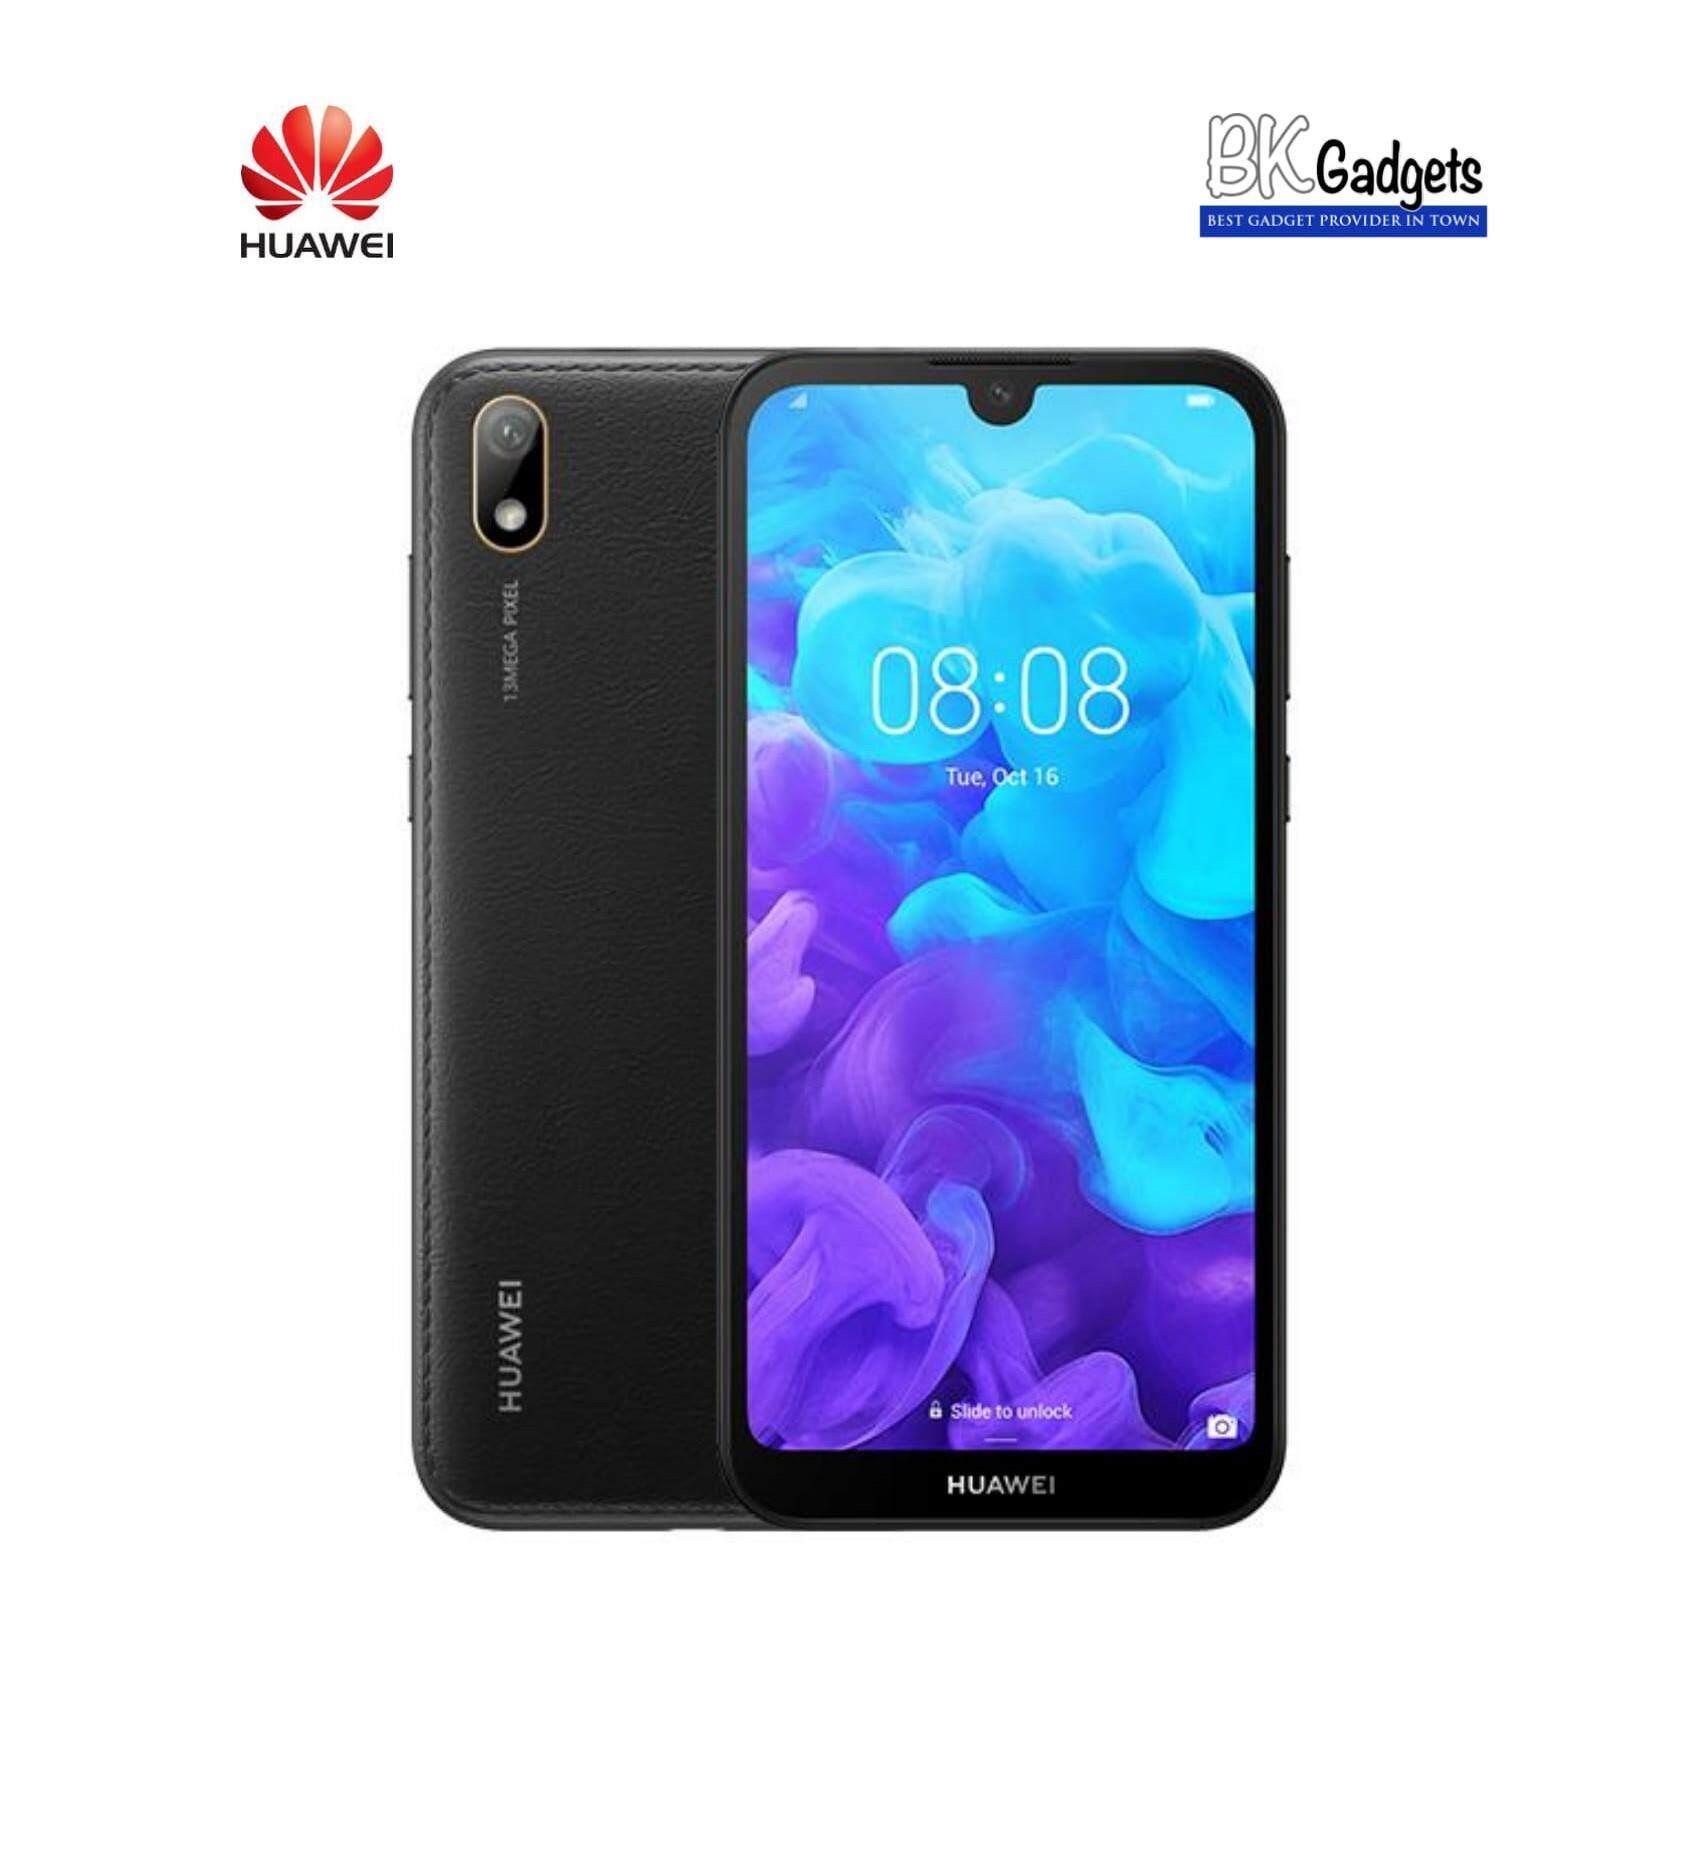 HUAWEI Y5 2019 Midnight Black [ 2GB RAM+32GB ROM ] SMARTPHONE